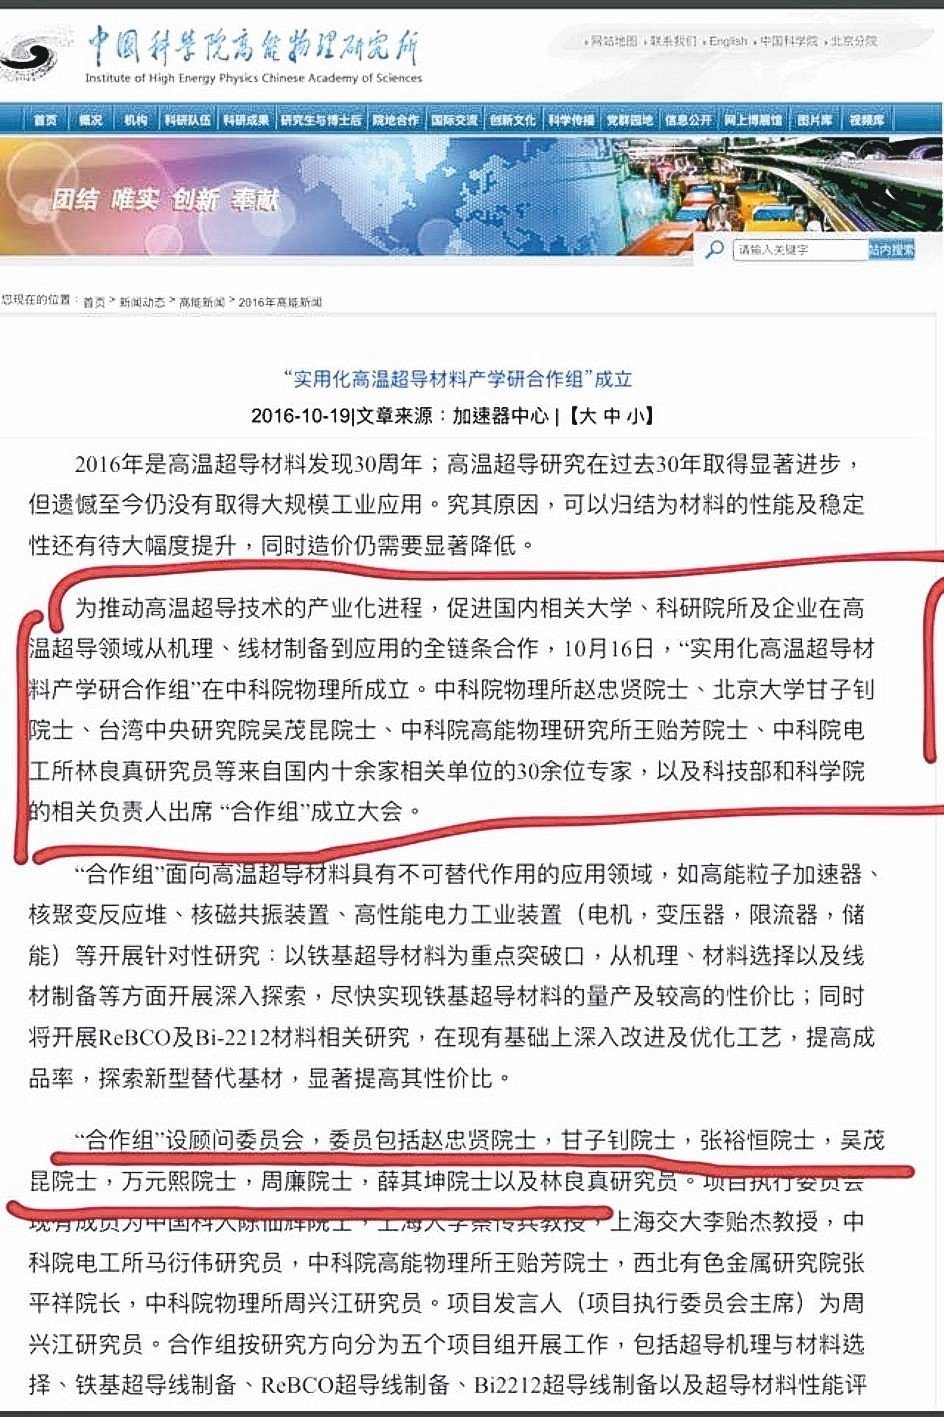 準教育部長吳茂昆遭爆曾出任形同台灣中研院的中國官方學術機構中國科學院高能物理研究...